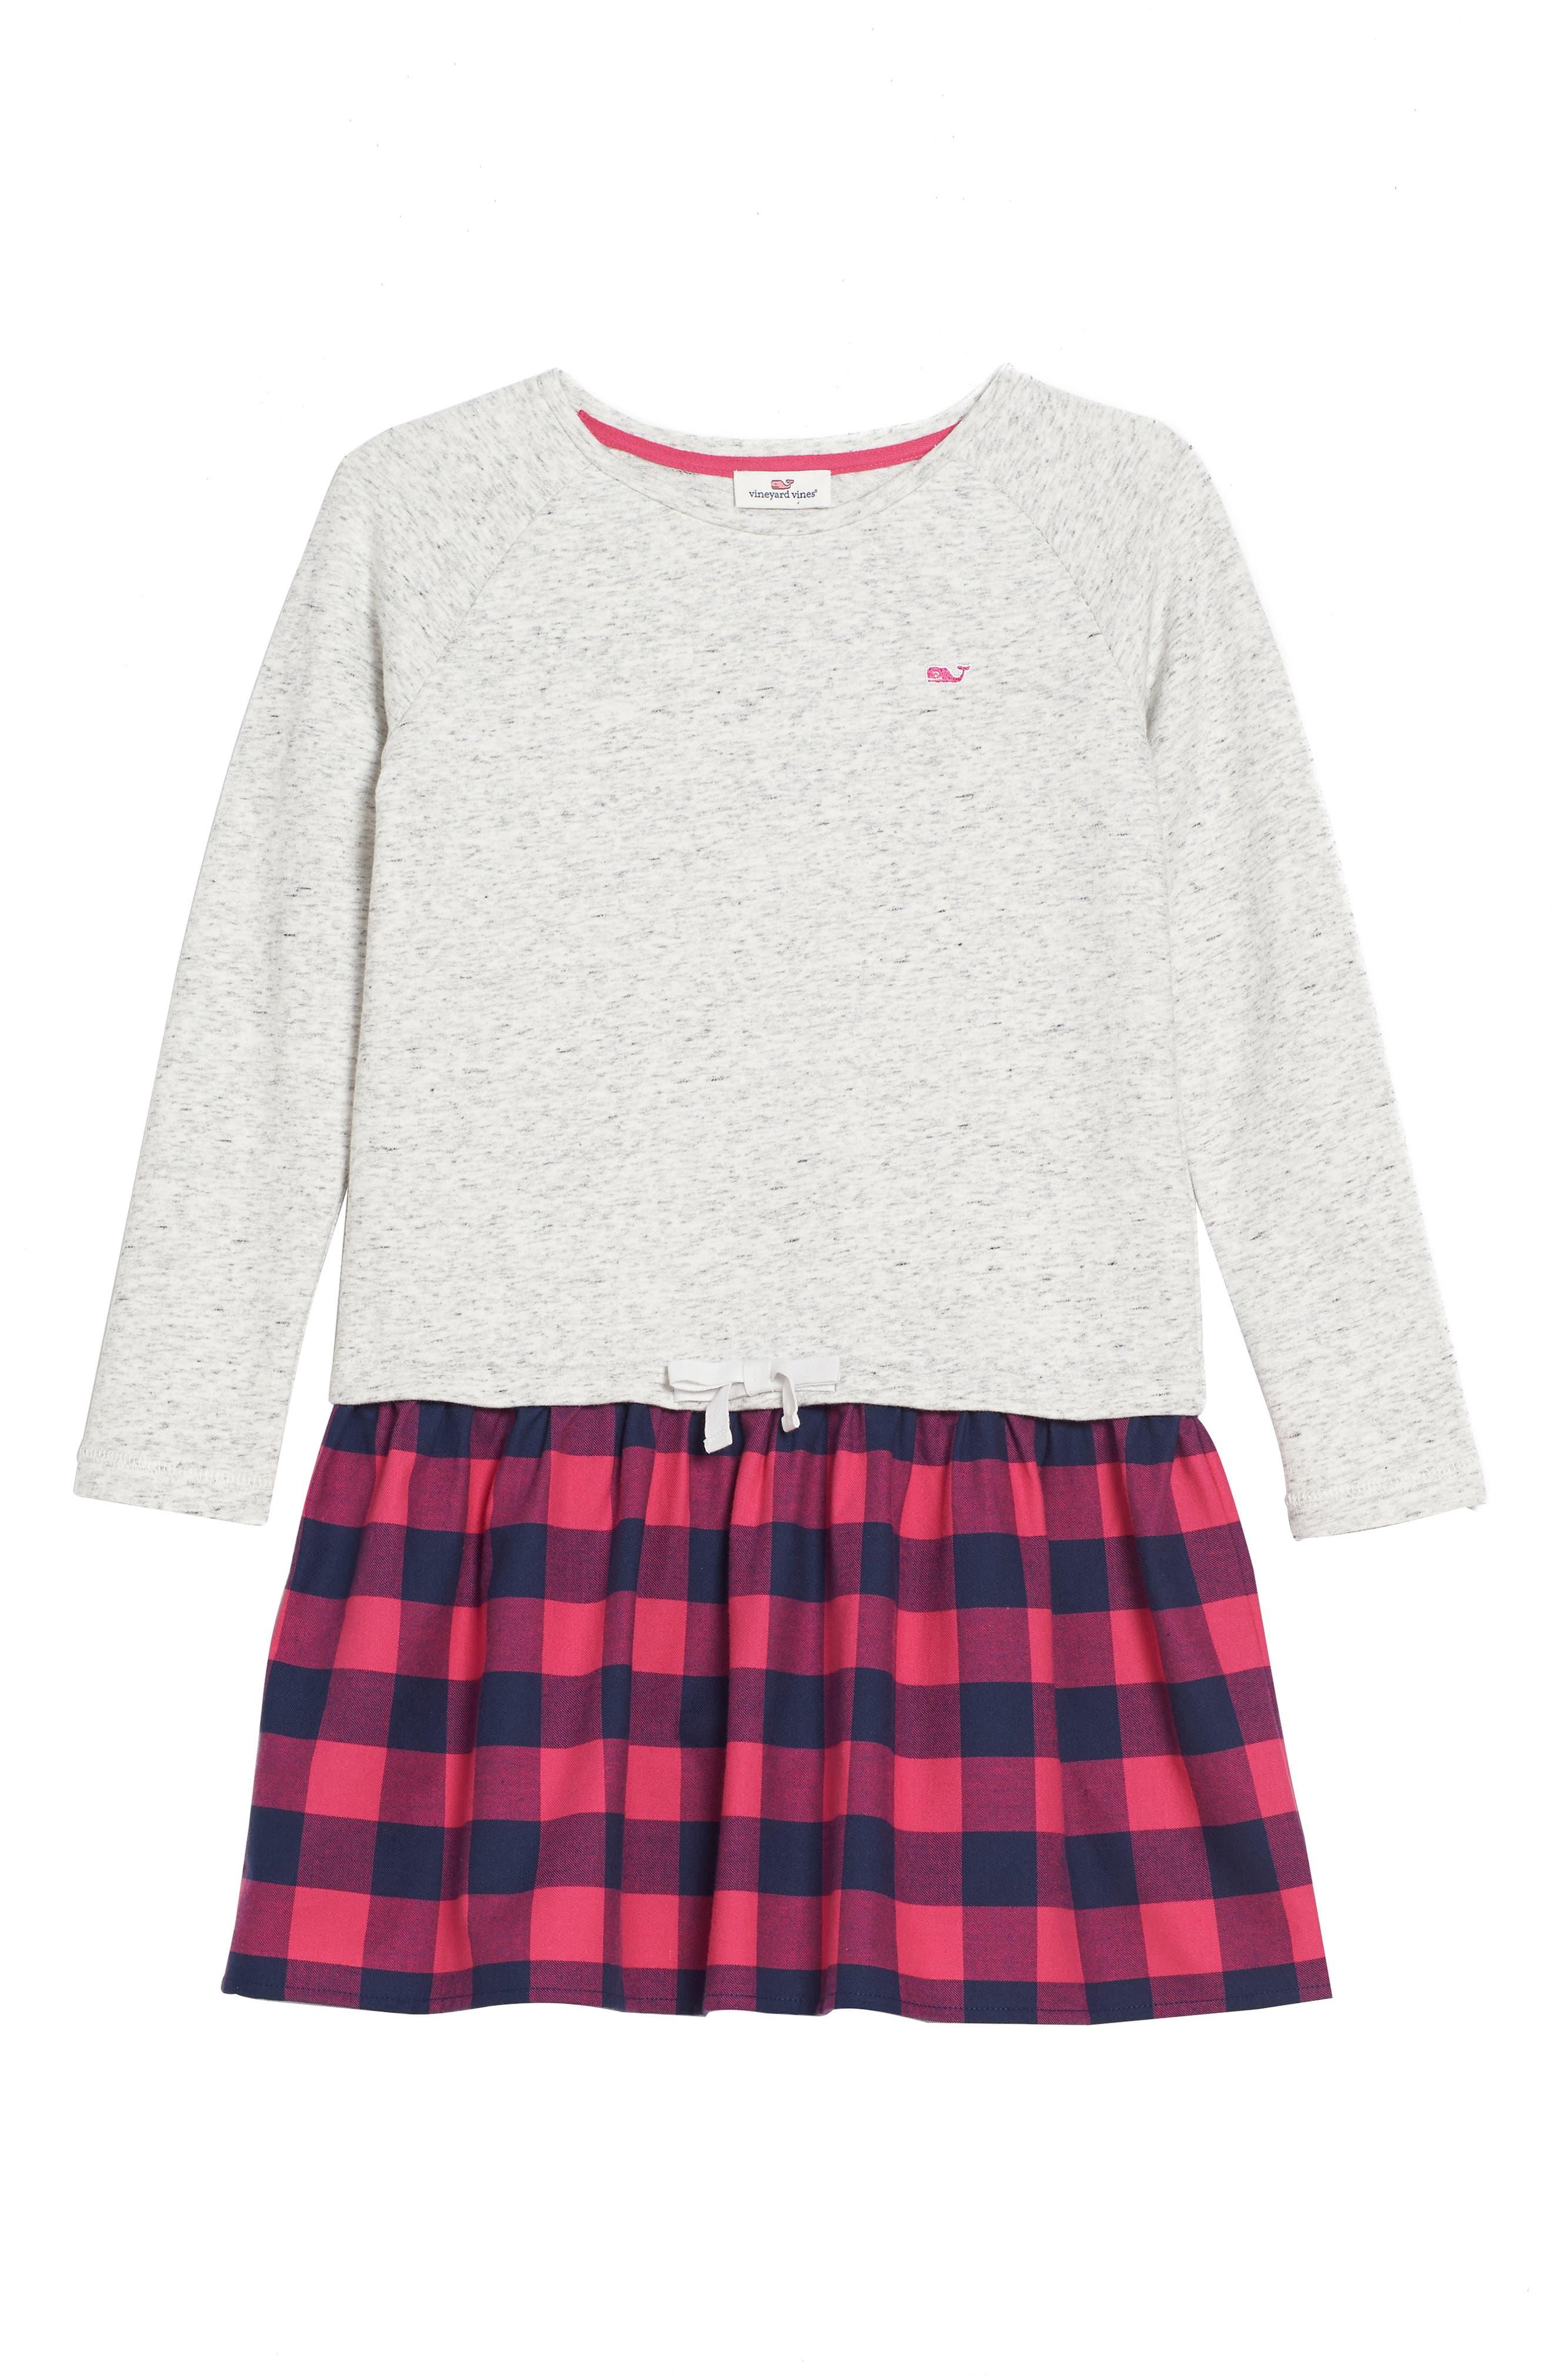 Buffalo Check Sweatshirt,                             Main thumbnail 1, color,                             039